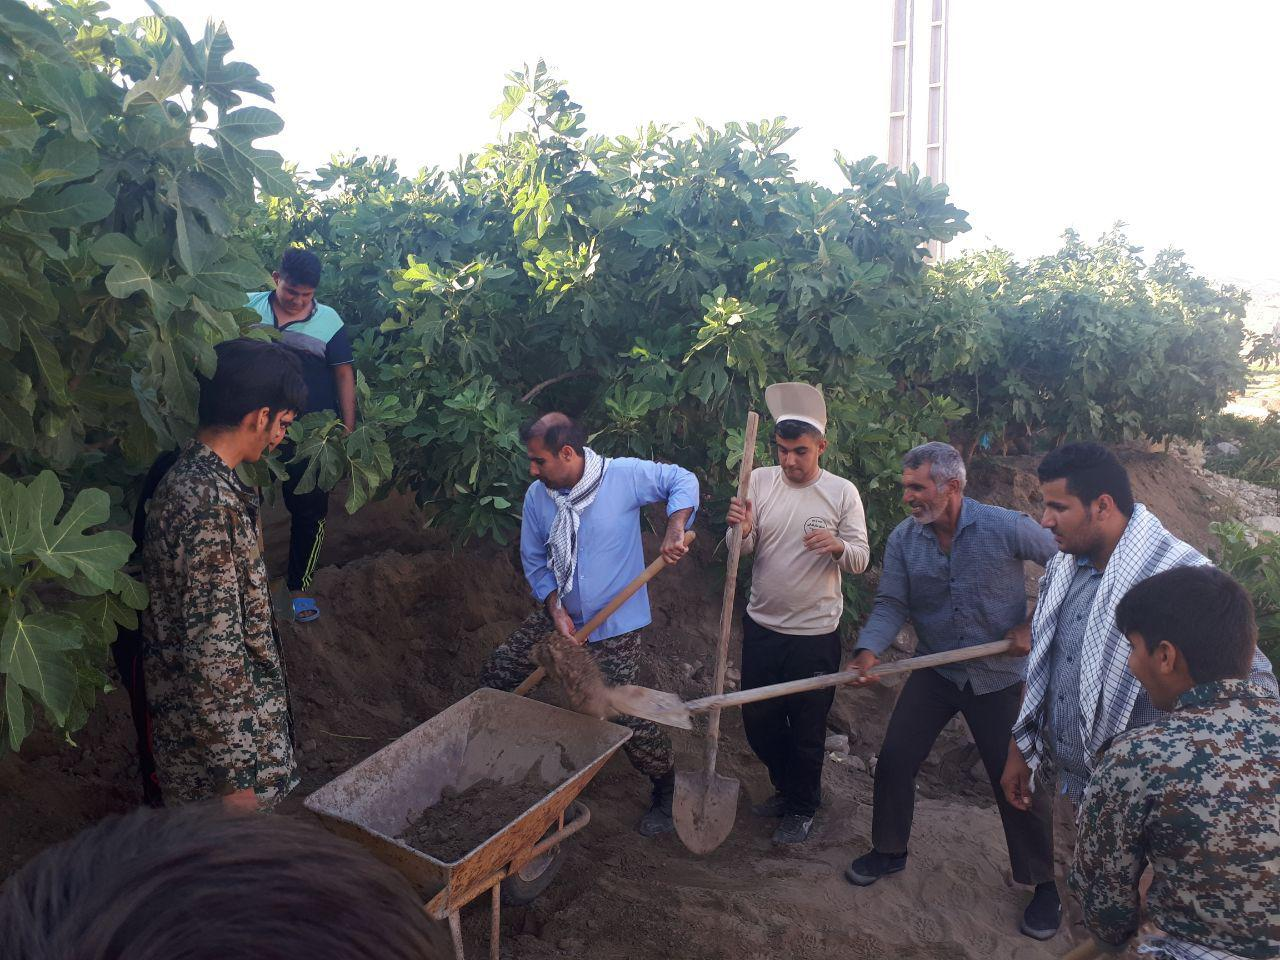 حضور گروه جهادی حوزه سلمان فارسی پل تنگ در باغات انجیر زیودار پلدختر